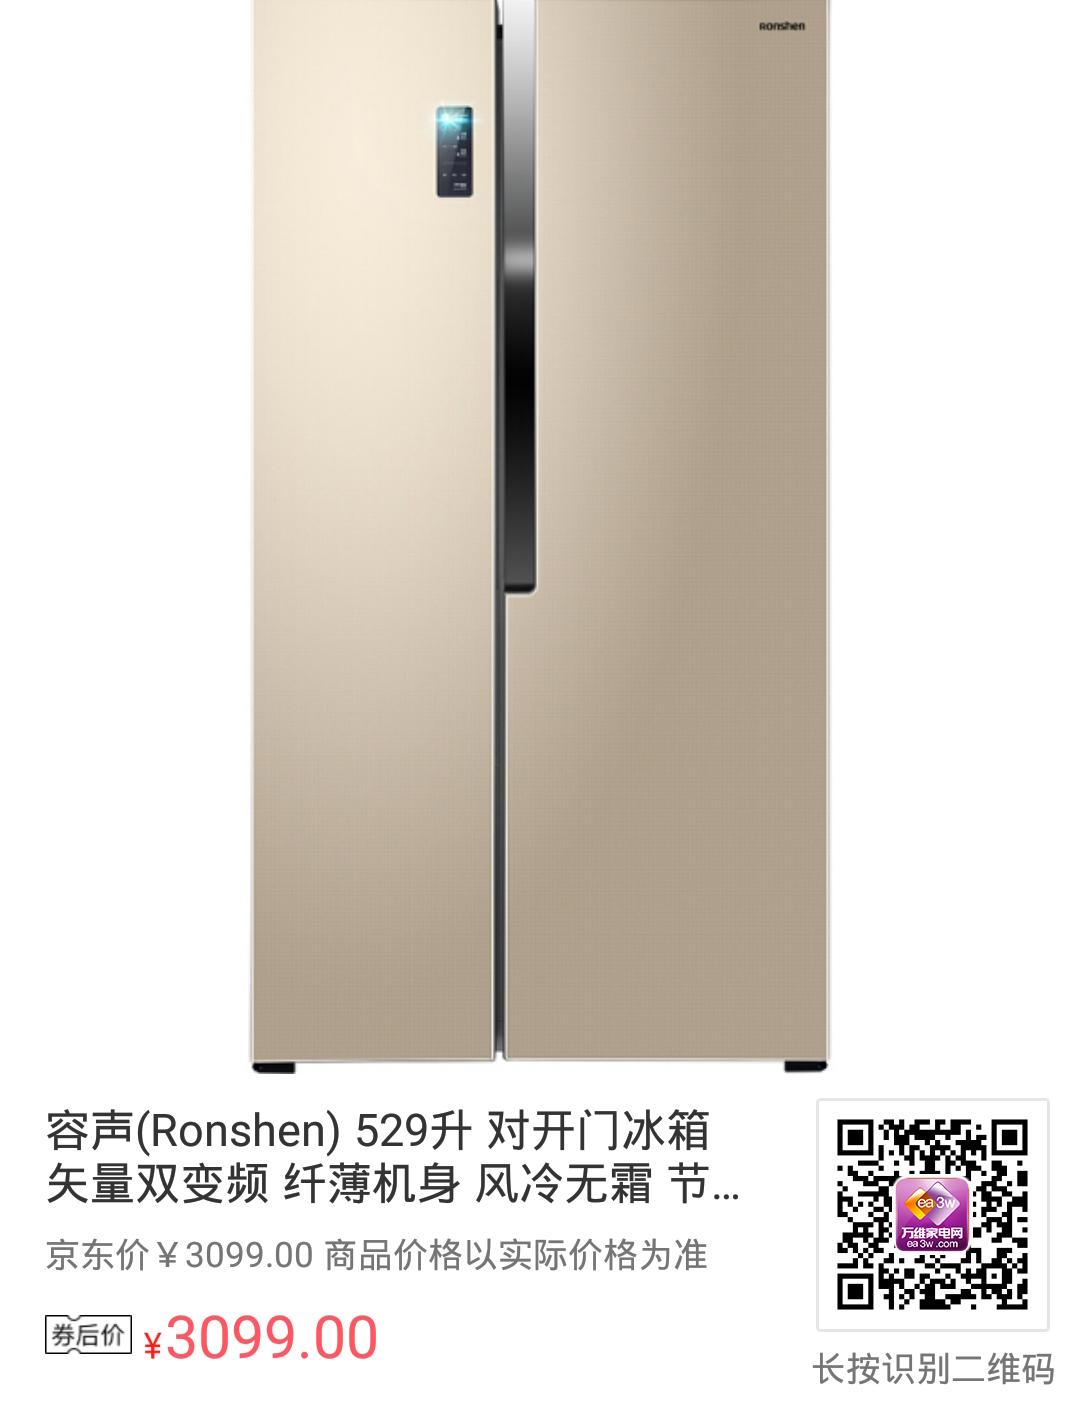 每日清单:巧妇难为无米之炊,保鲜强劲来看看这些电冰箱